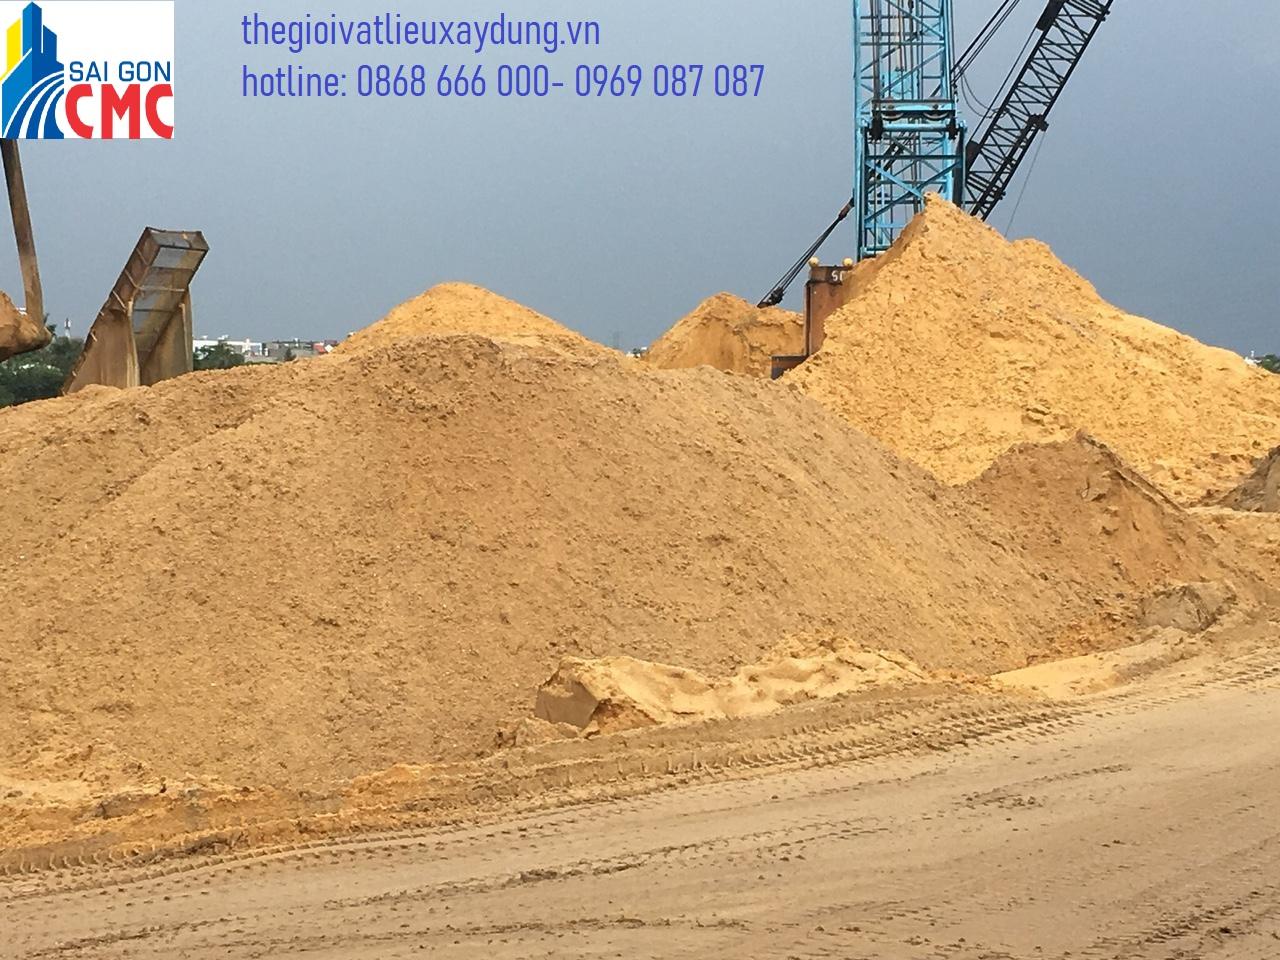 Vai trò của cát xây dựng thể hiện trong từng ứng dụng của nó trong xây dựng